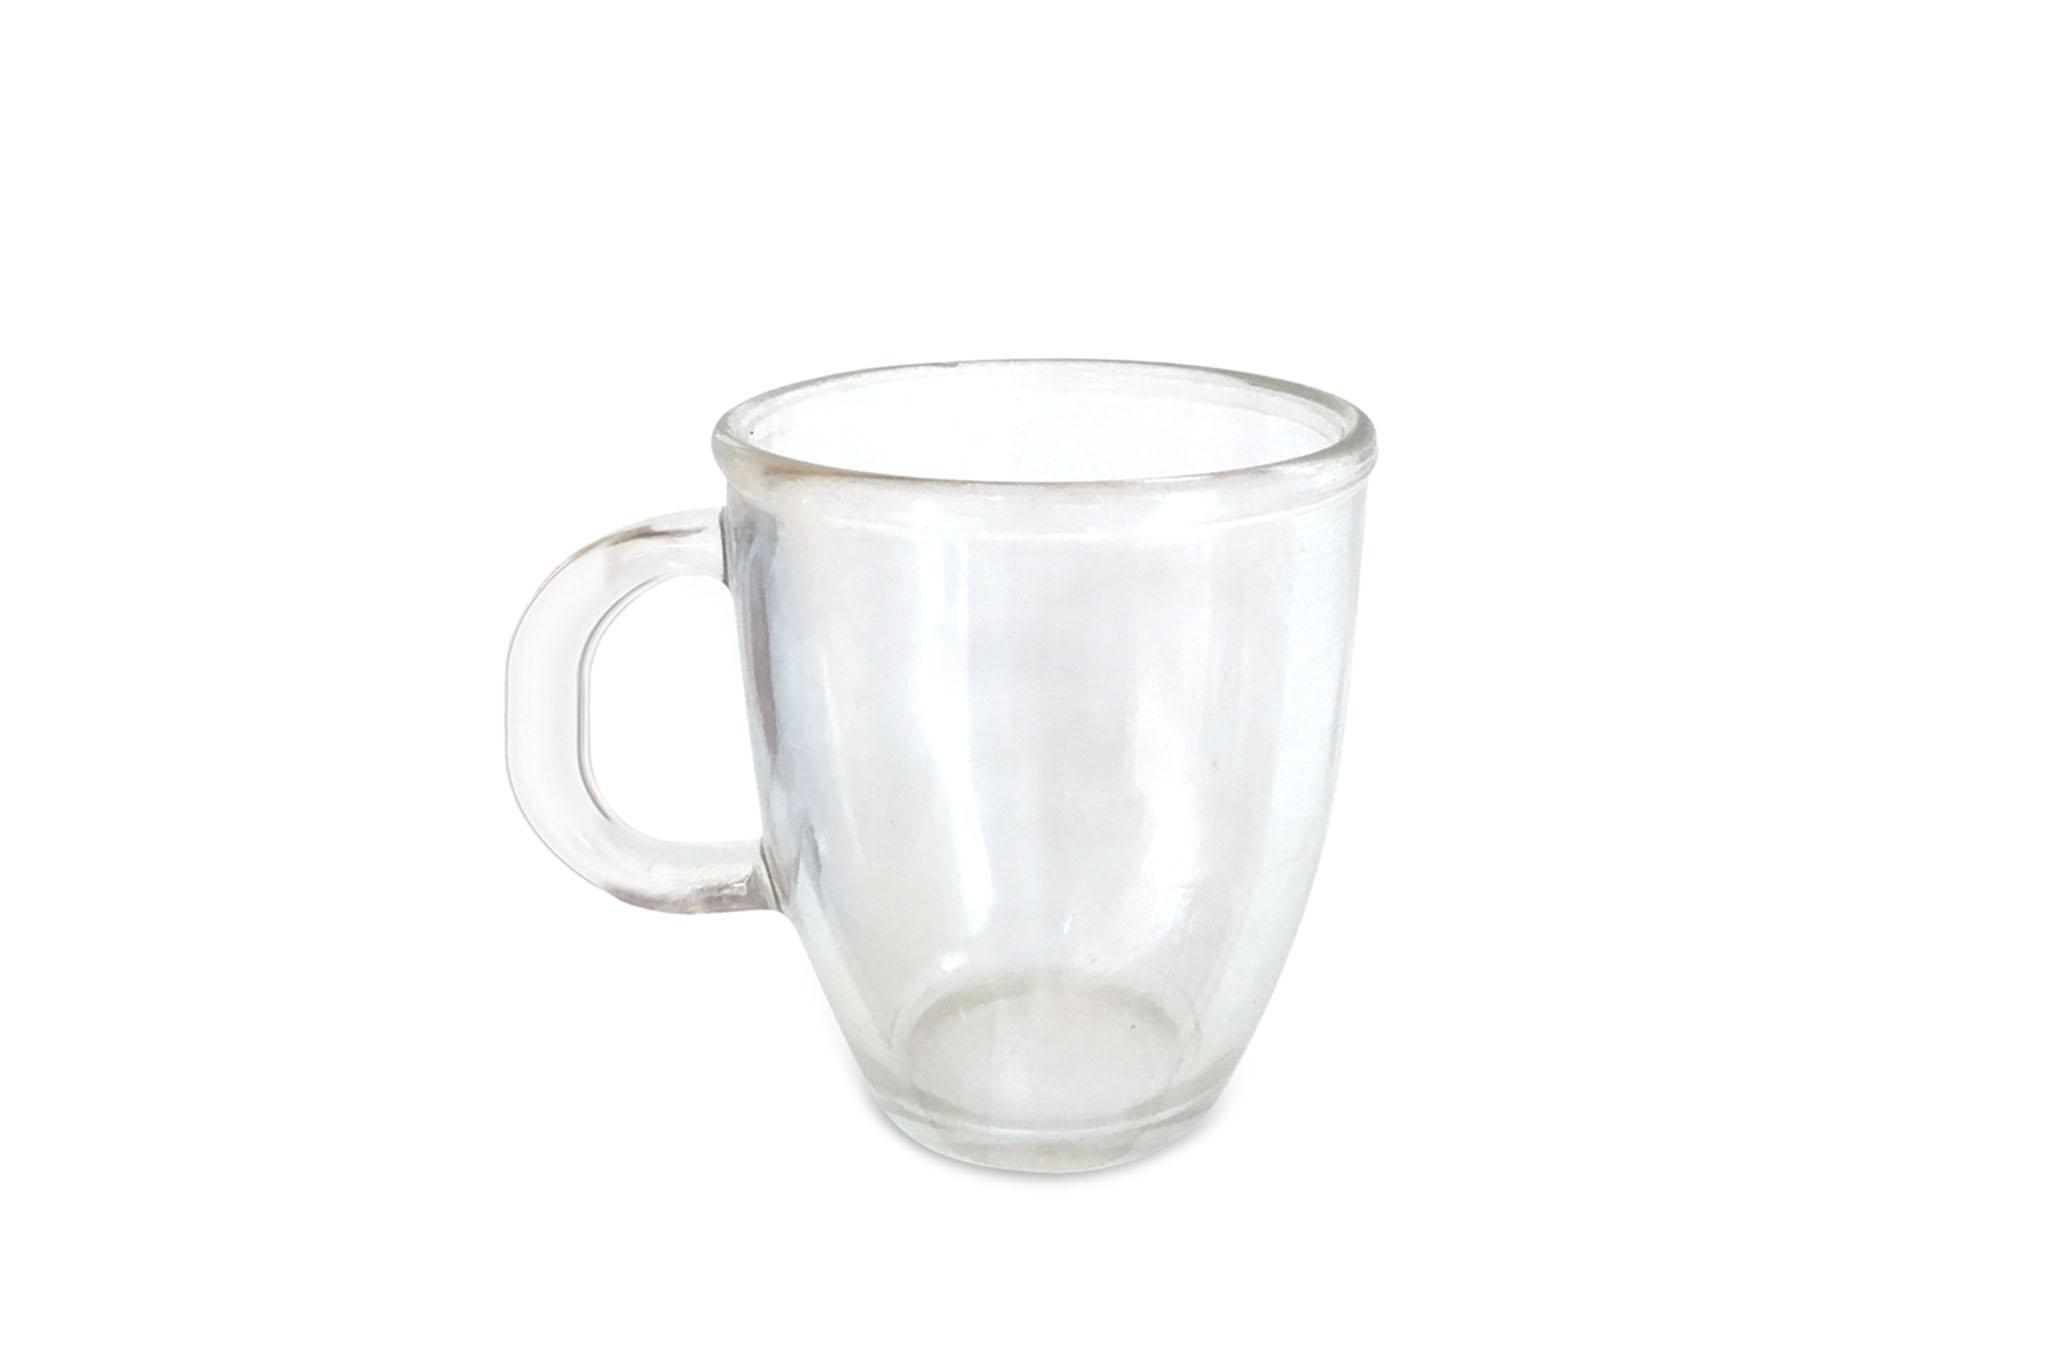 durchsichtiges leeres Teeglas